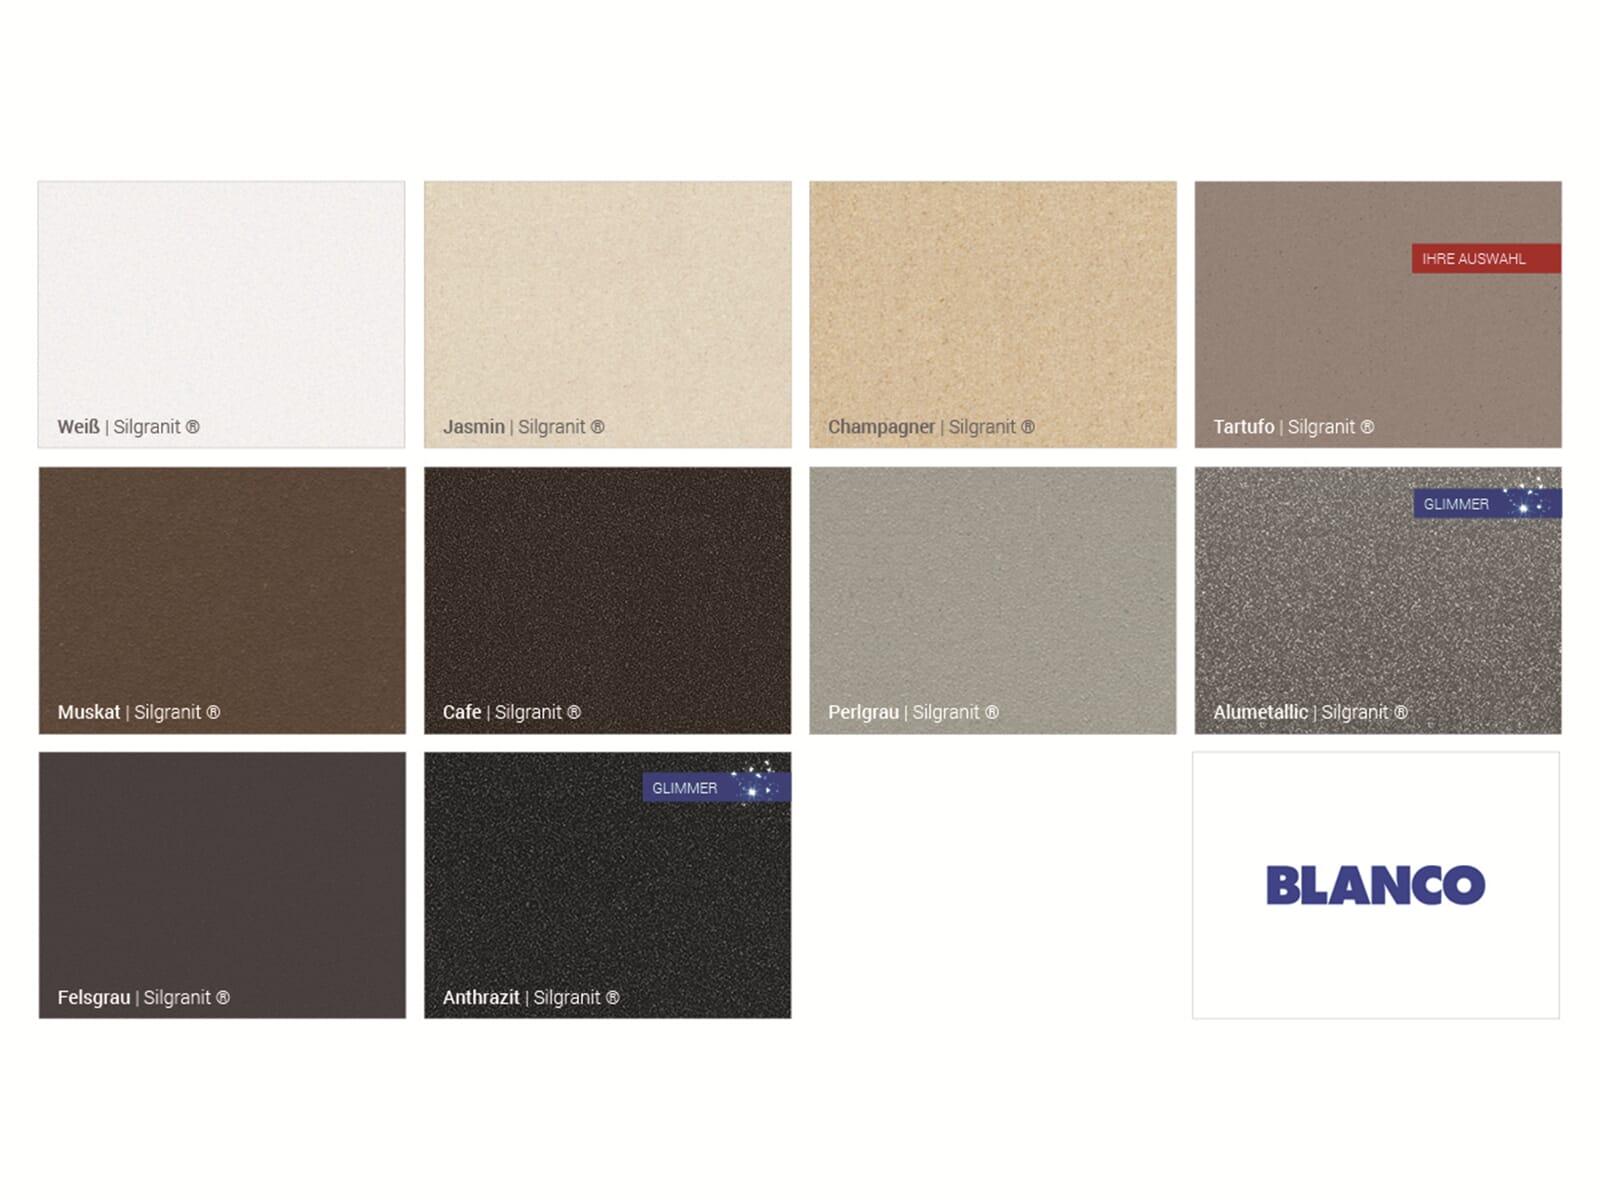 Blanco Adon XL 6 S Tartufo - 523 611 Granitspüle